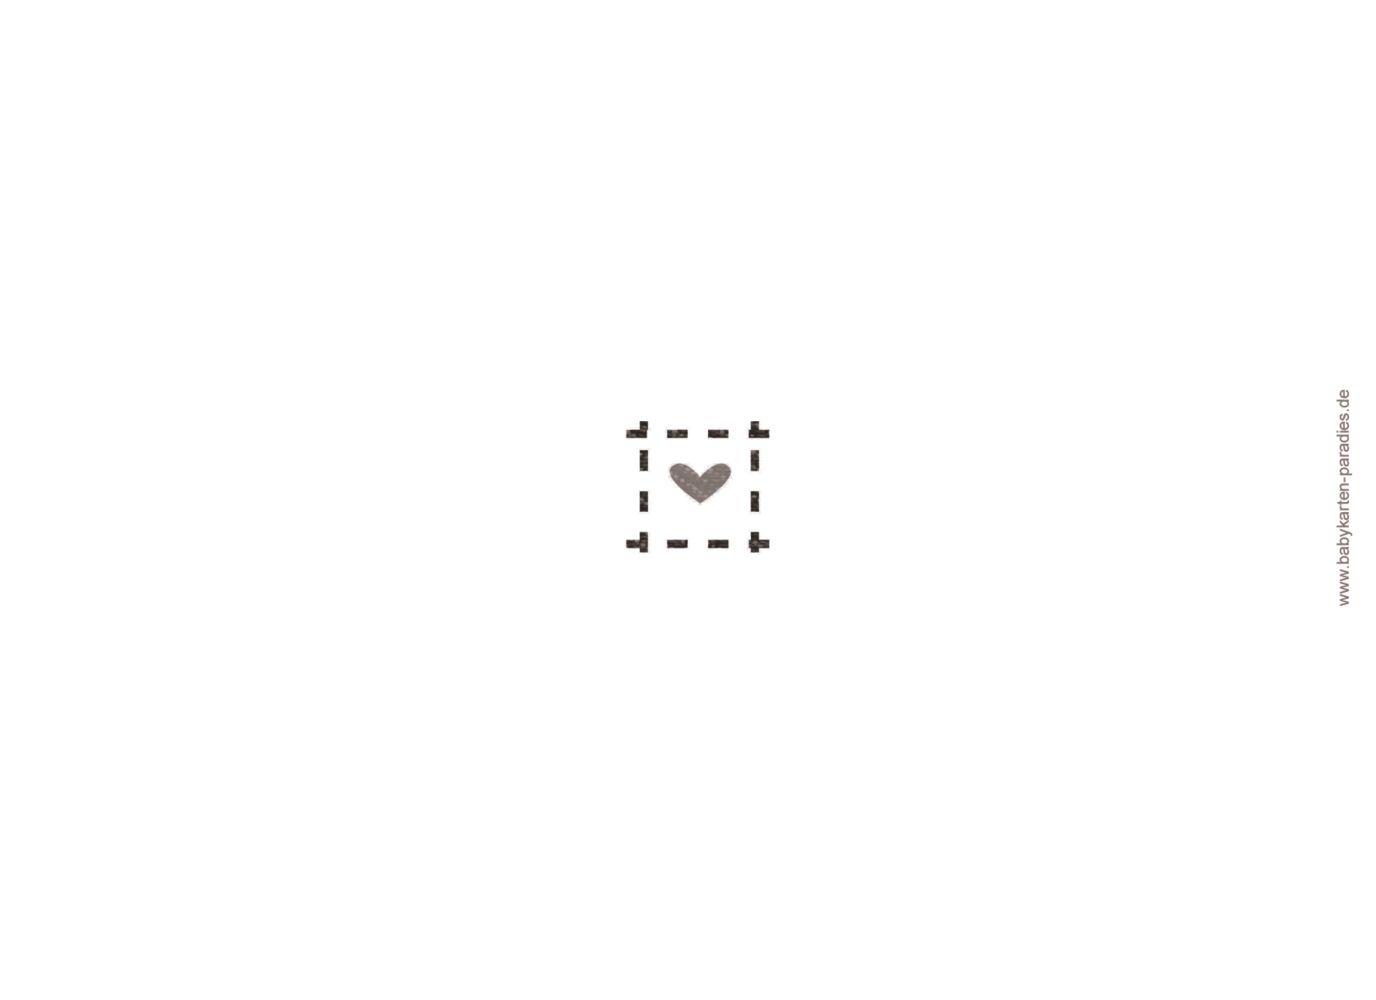 Kartenparadies Danksagung für Geburt Baby Dankeskarte Dankeskarte Dankeskarte Herzrahmen, hochwertige Danksagungskarte Baby inklusive Umschläge   100 Karten - (Format  148x105 mm) Farbe  Lila B01MYE507W | Verrückter Preis  | Preiszugeständnisse  | Clever und praktisc 69bac1